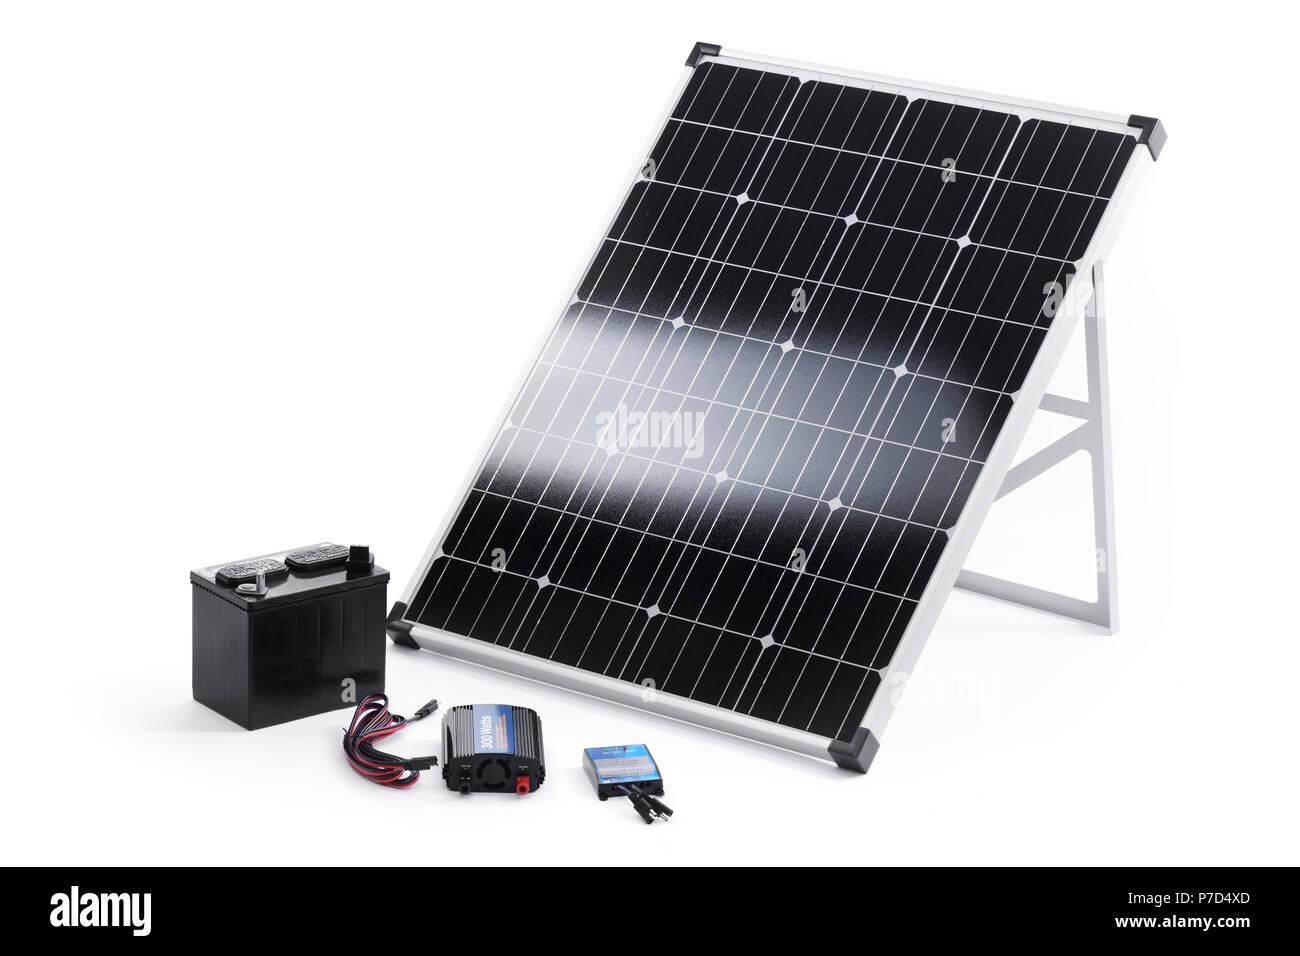 Solar Inverter Stock Photos & Solar Inverter Stock Images